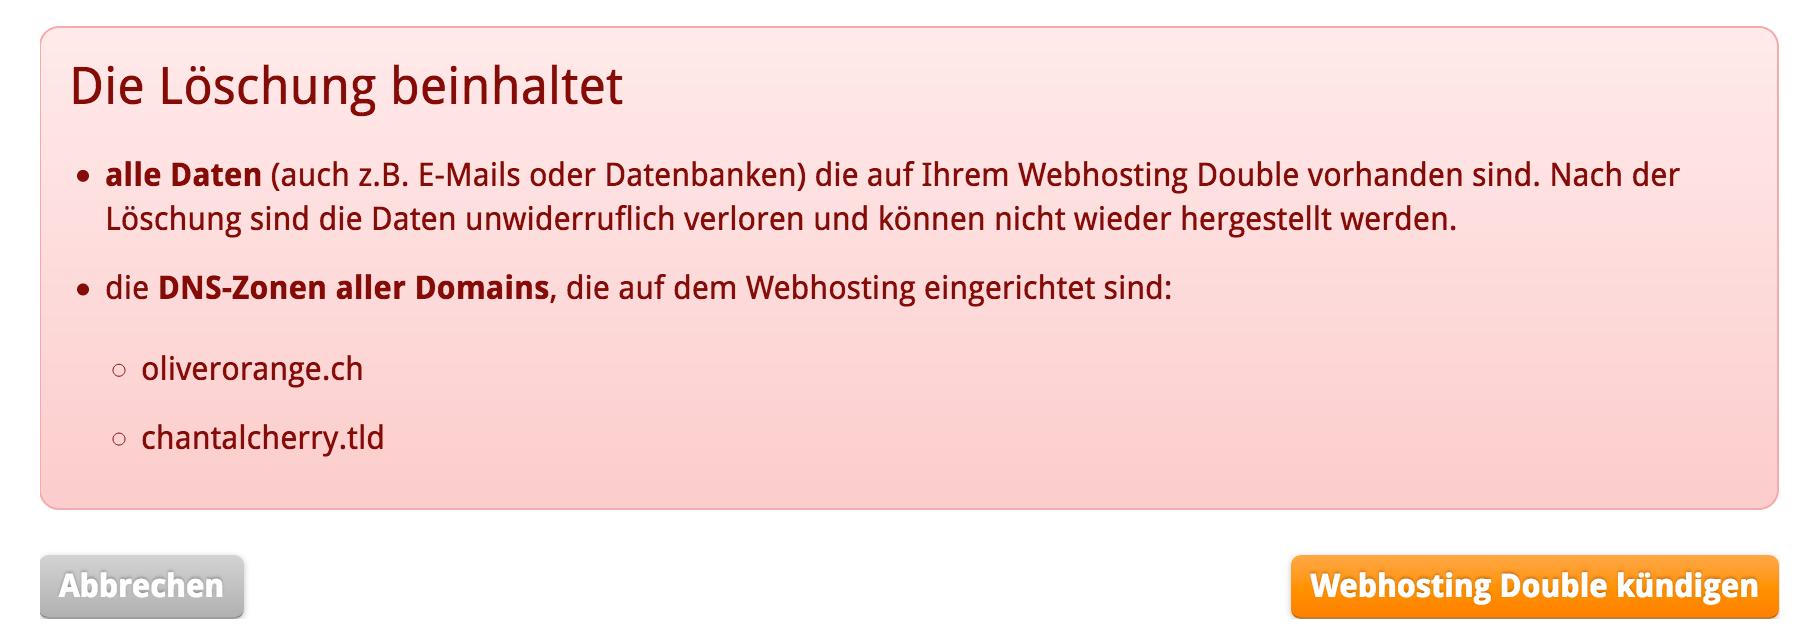 Hinweis bei Kündigung «Webhosting/Sitebuilder»